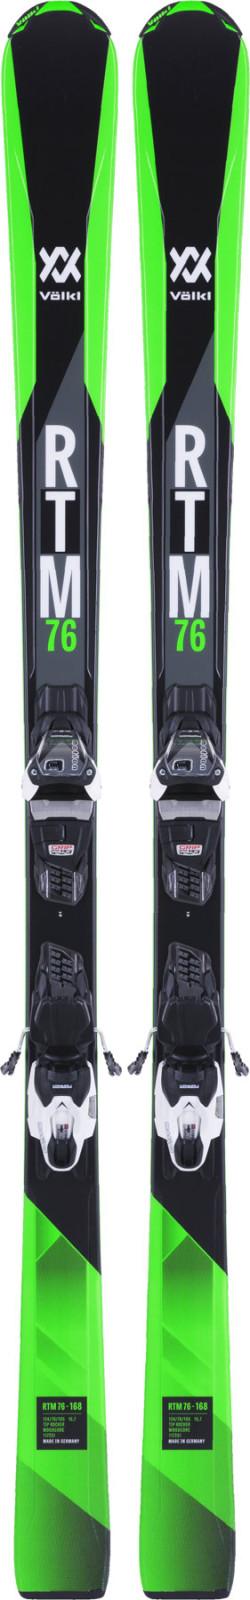 Völkl RTM 76 + vMotion 10 GW